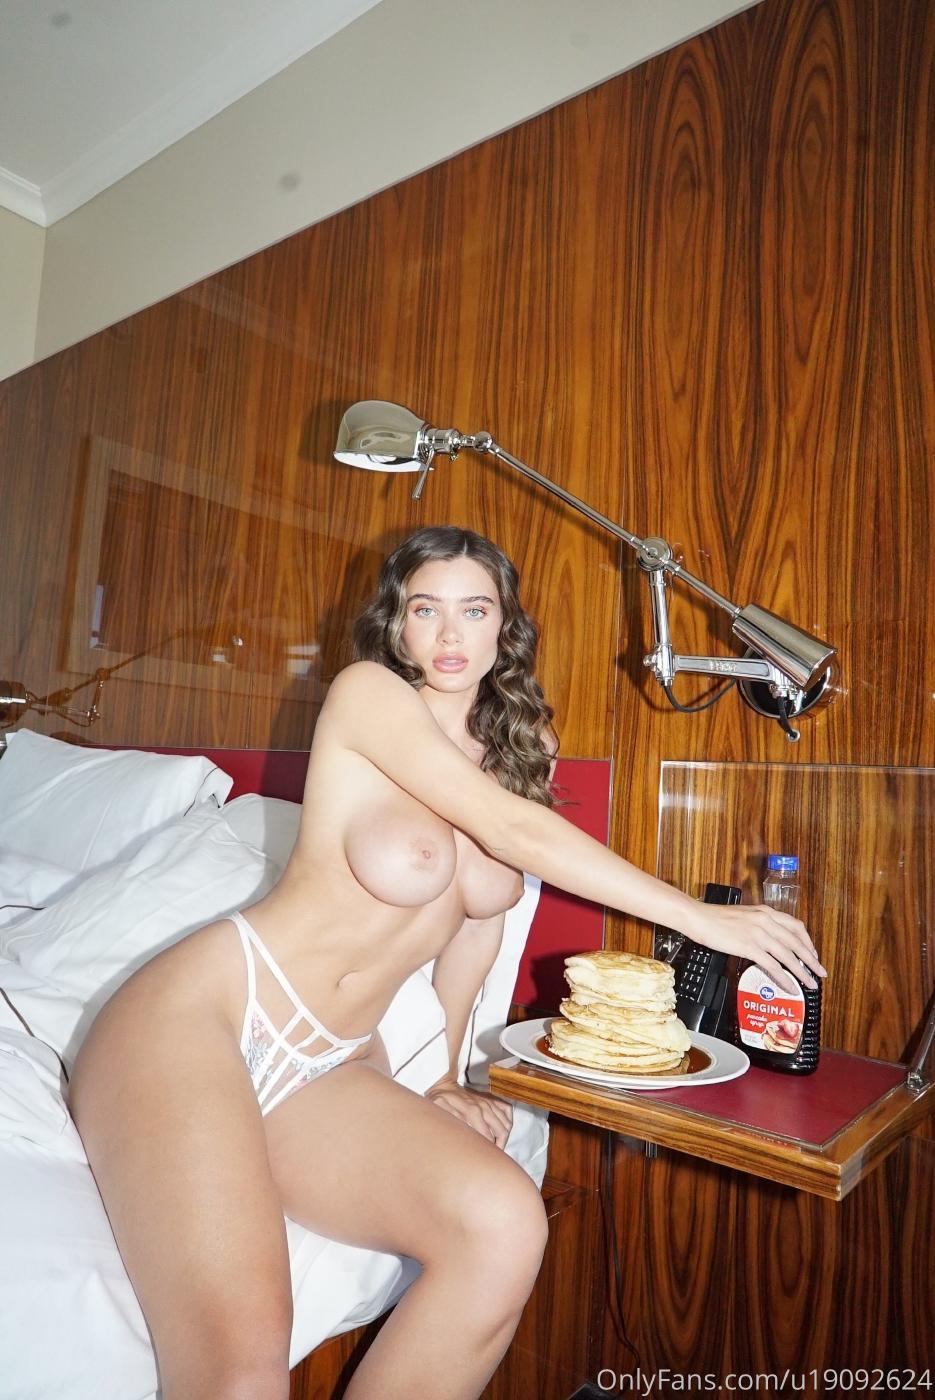 Lana Rhoades Nude Lingerie Strip Onlyfans Set Leaked Rbfplo